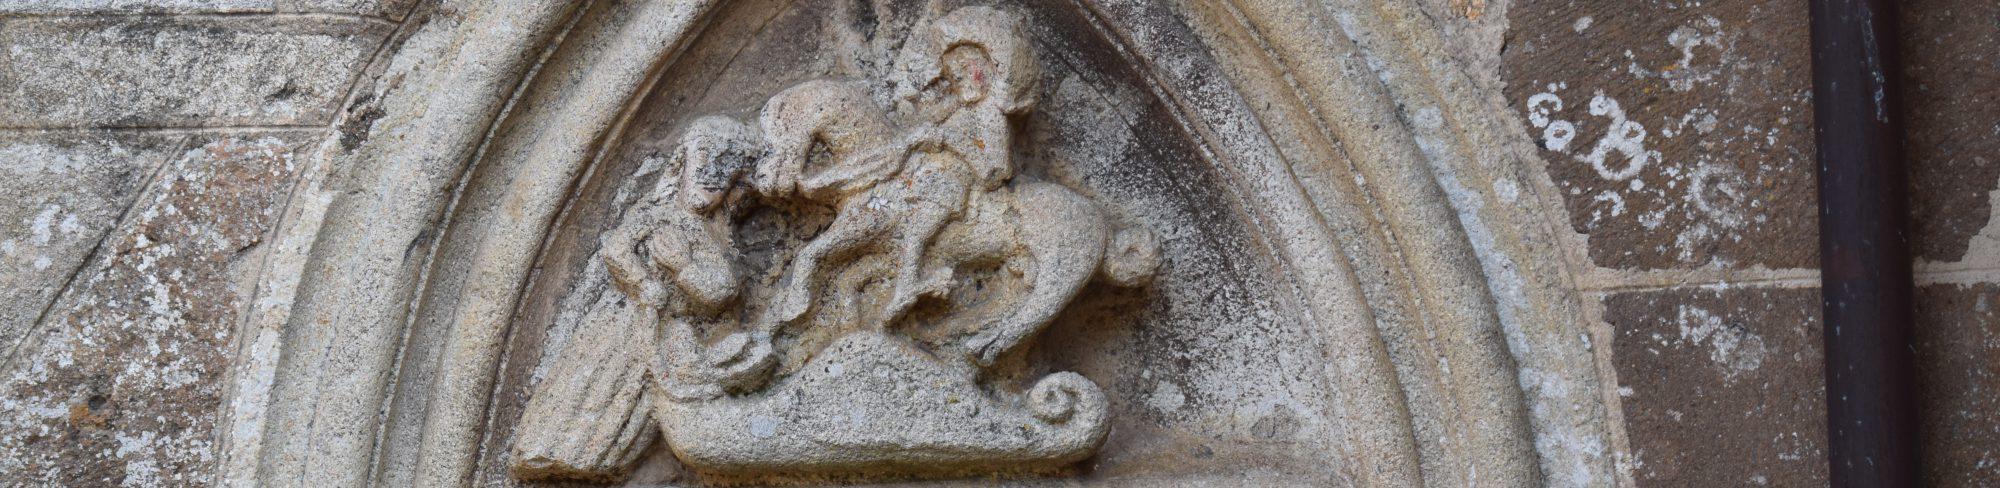 Die Templer – Spuren einer mittelalterlichen Großmacht